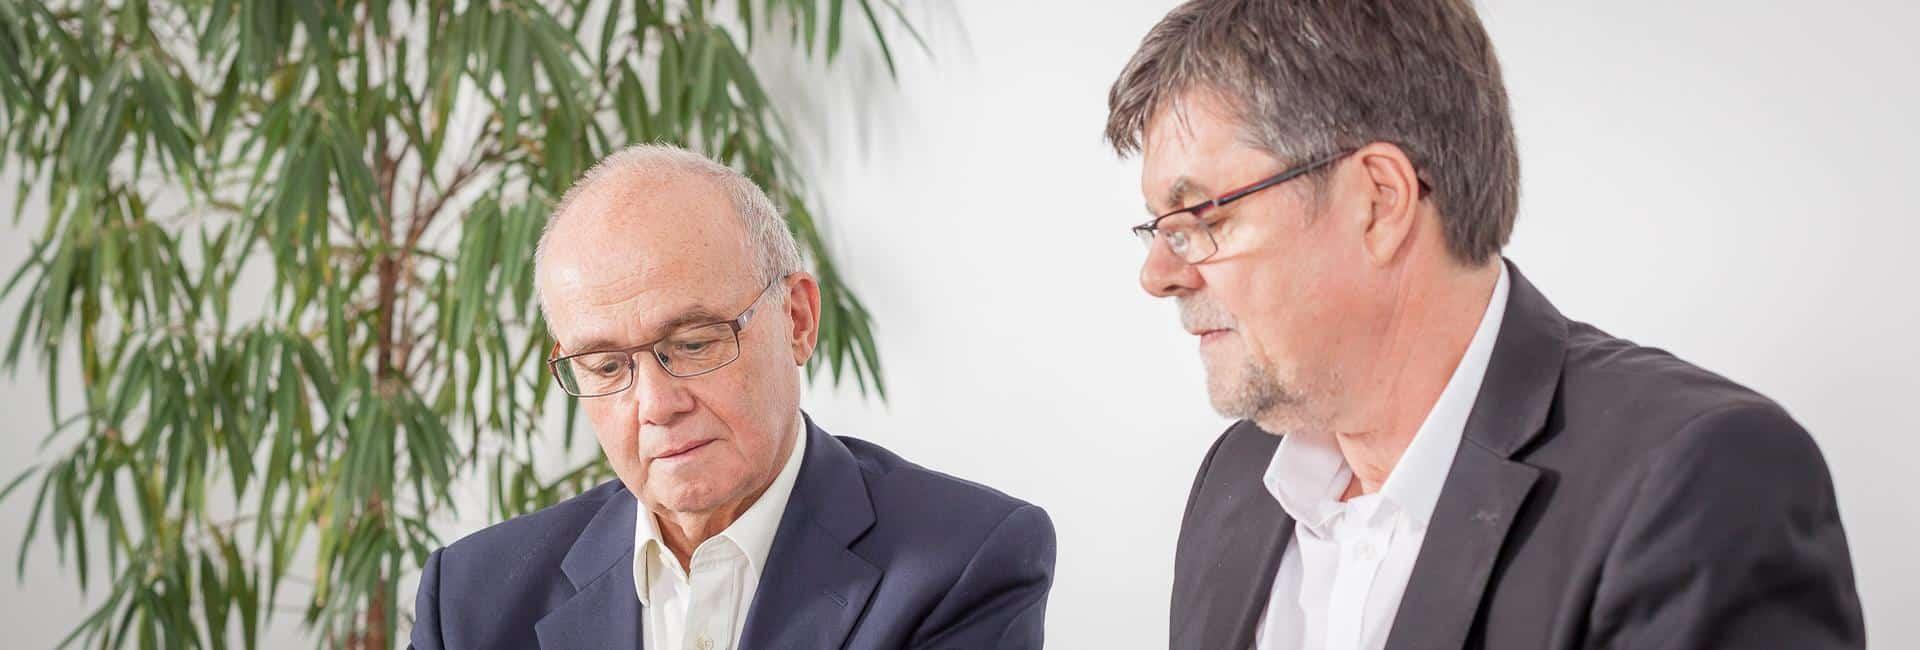 Dipl.-Ing. Rainer Liskamm & Dipl.-Ing. Manfred Kober